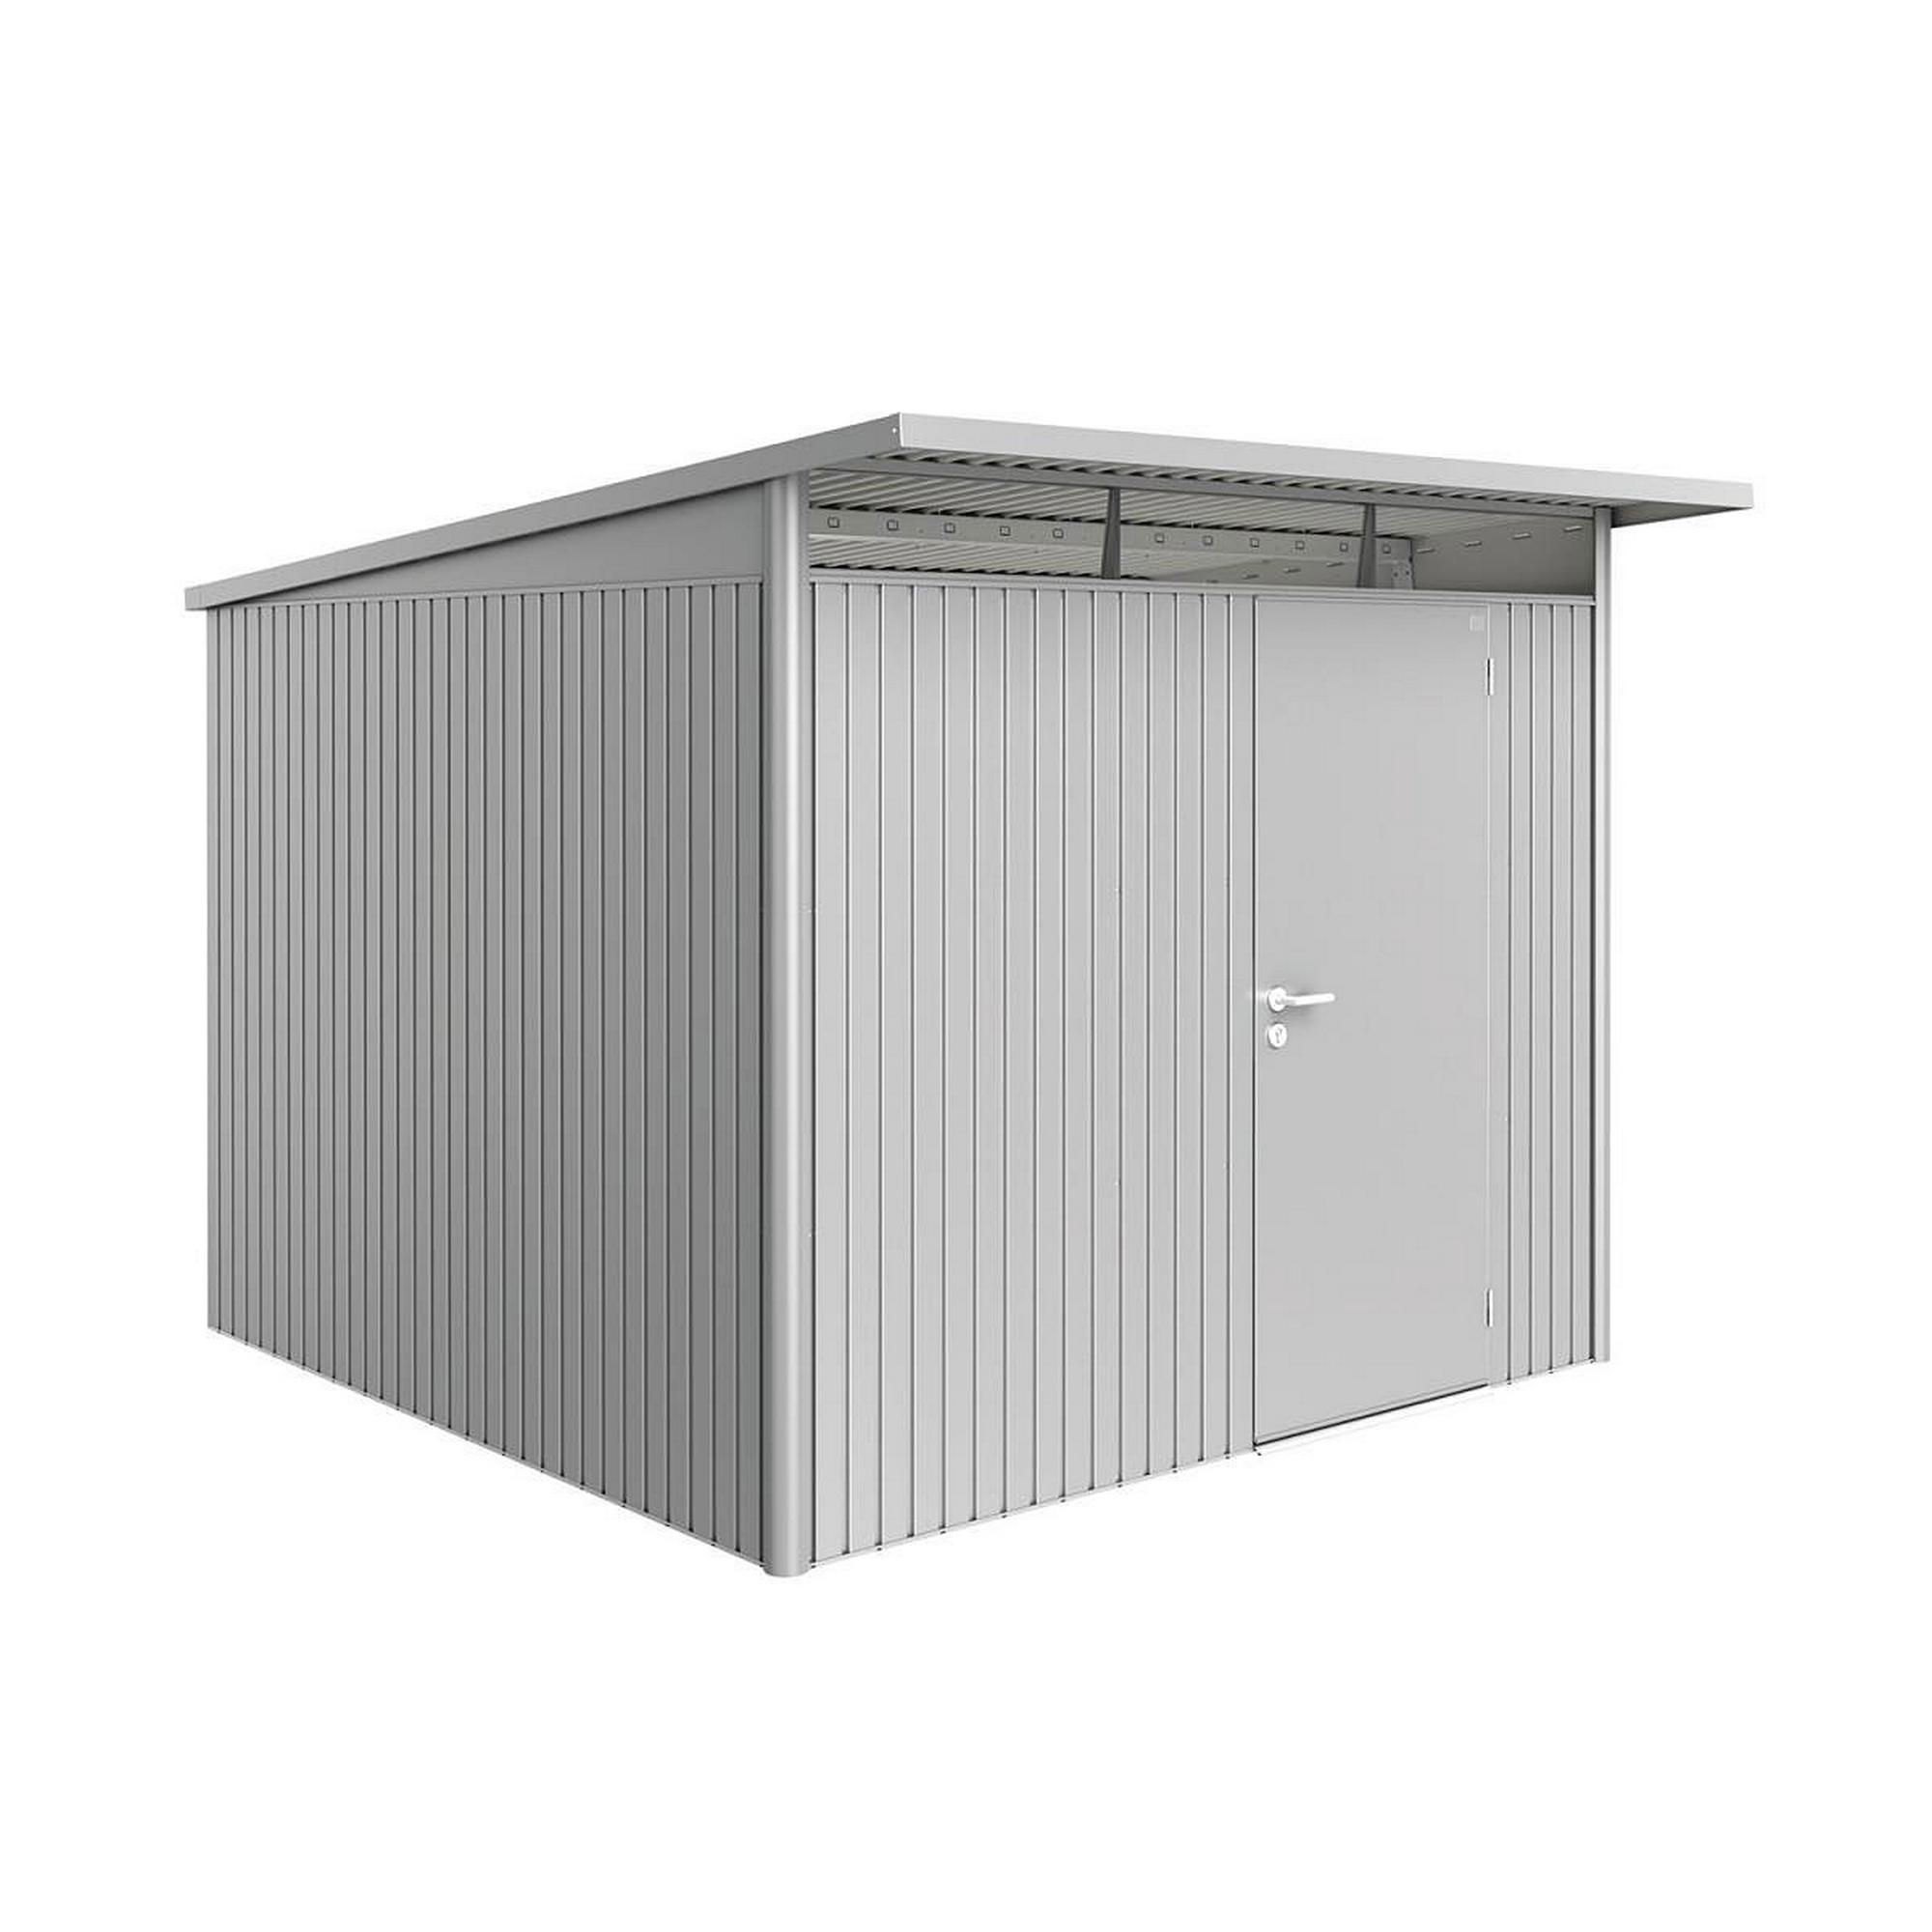 Toom Gartenhaus Metall In 2021 Outdoor Storage Outdoor Furniture Metal